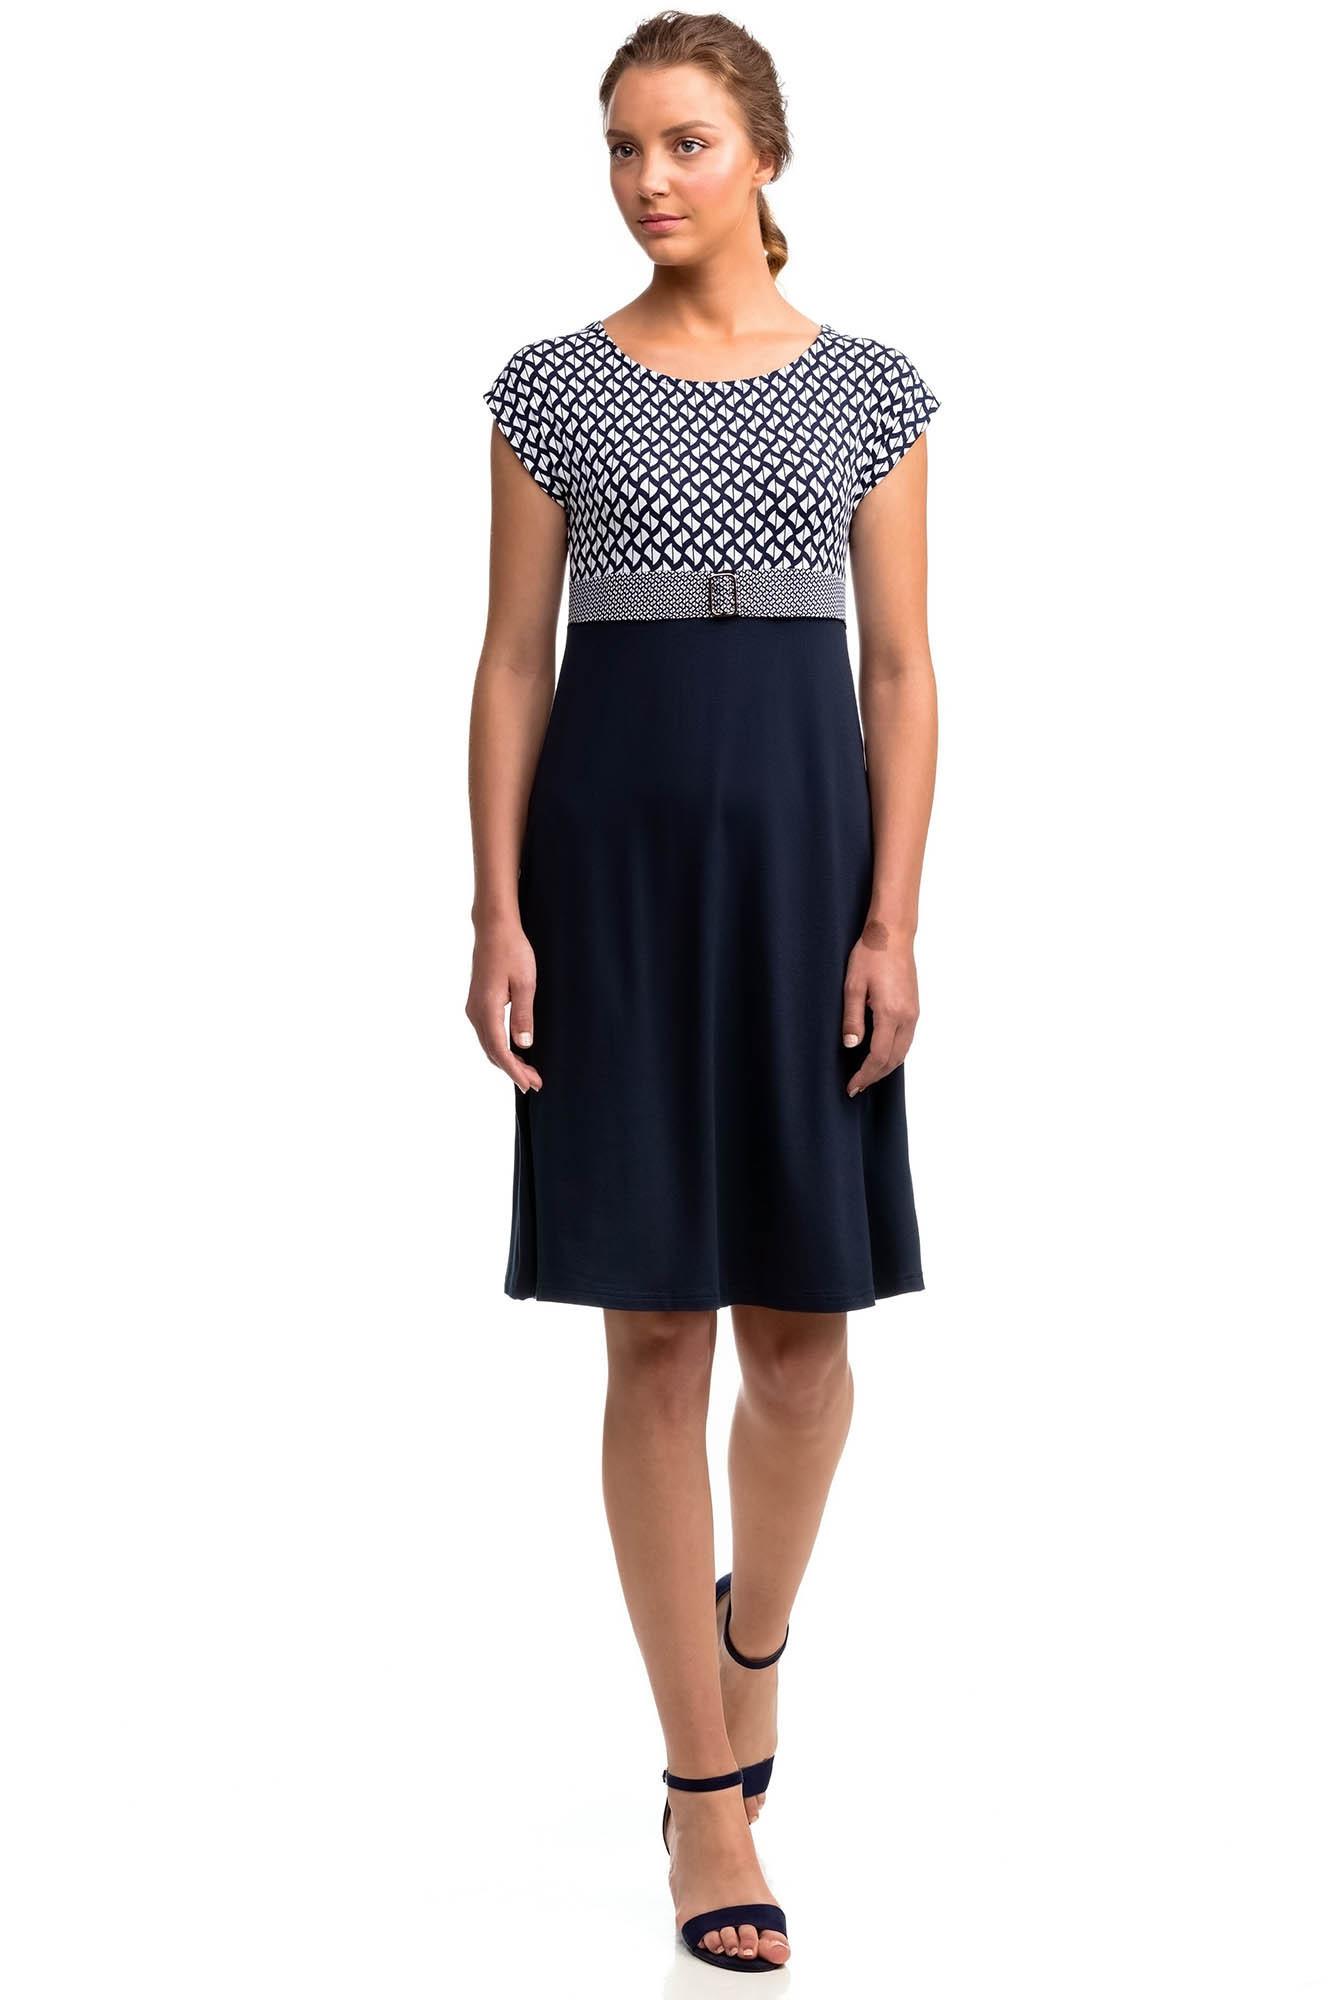 Vamp - Elegantní vzorované dámské šaty 14452 - Vamp blue l